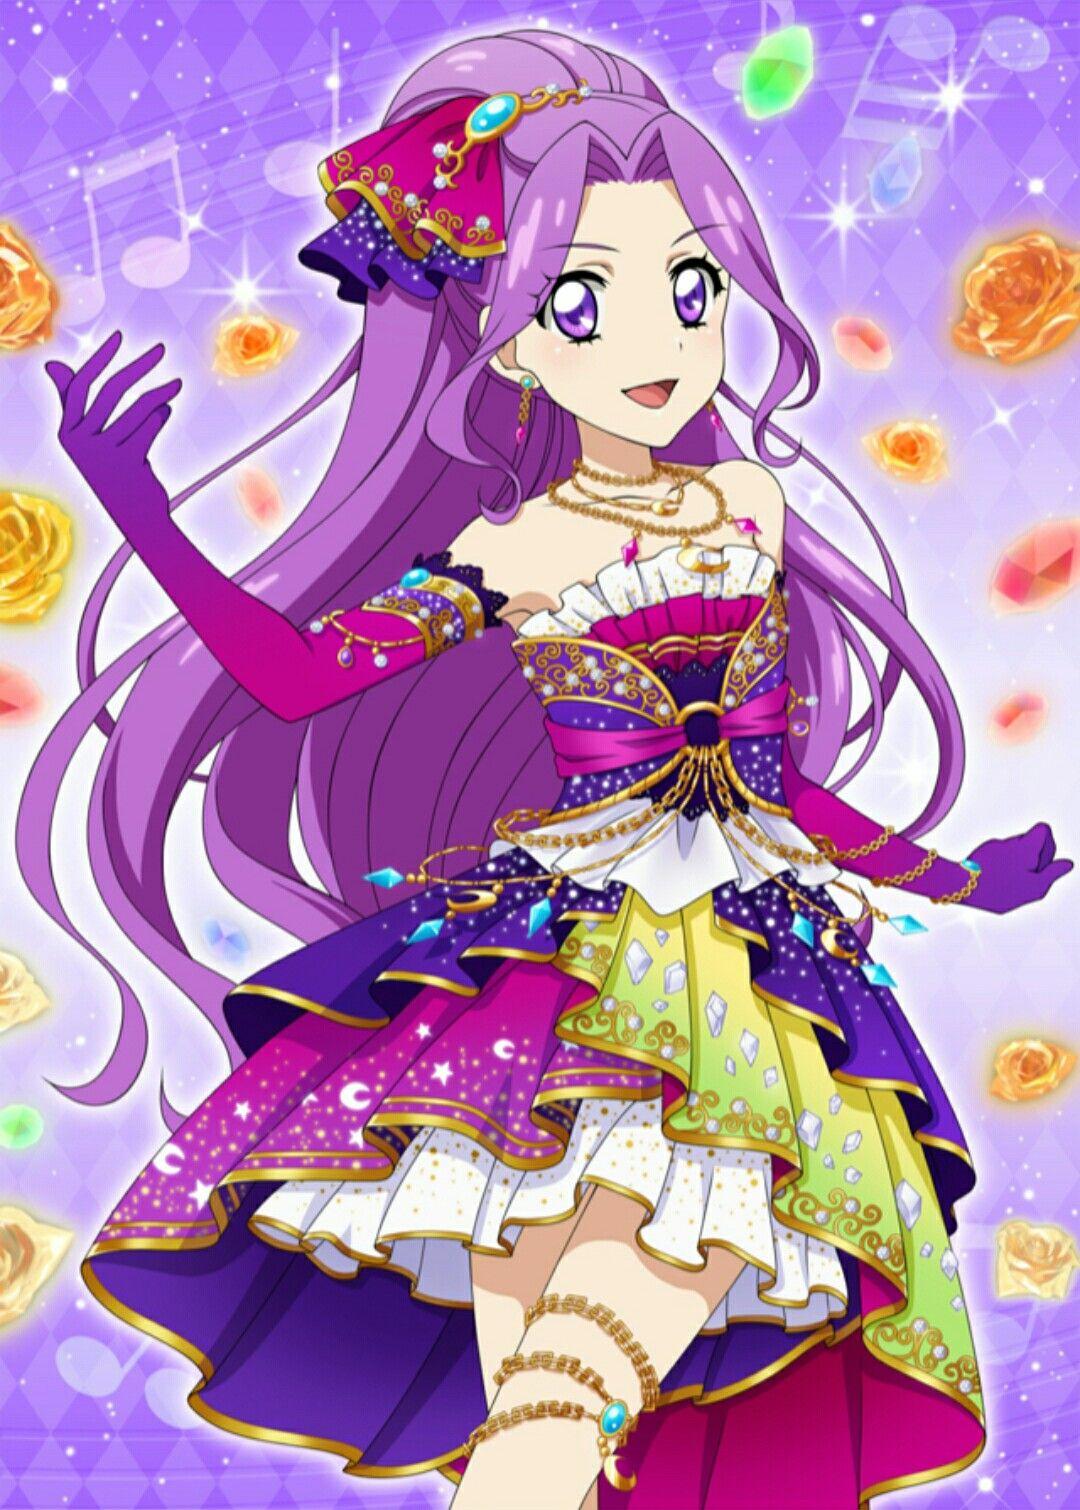 Mizuki Kanzaki Animasi Gadis Animasi Ilustrasi